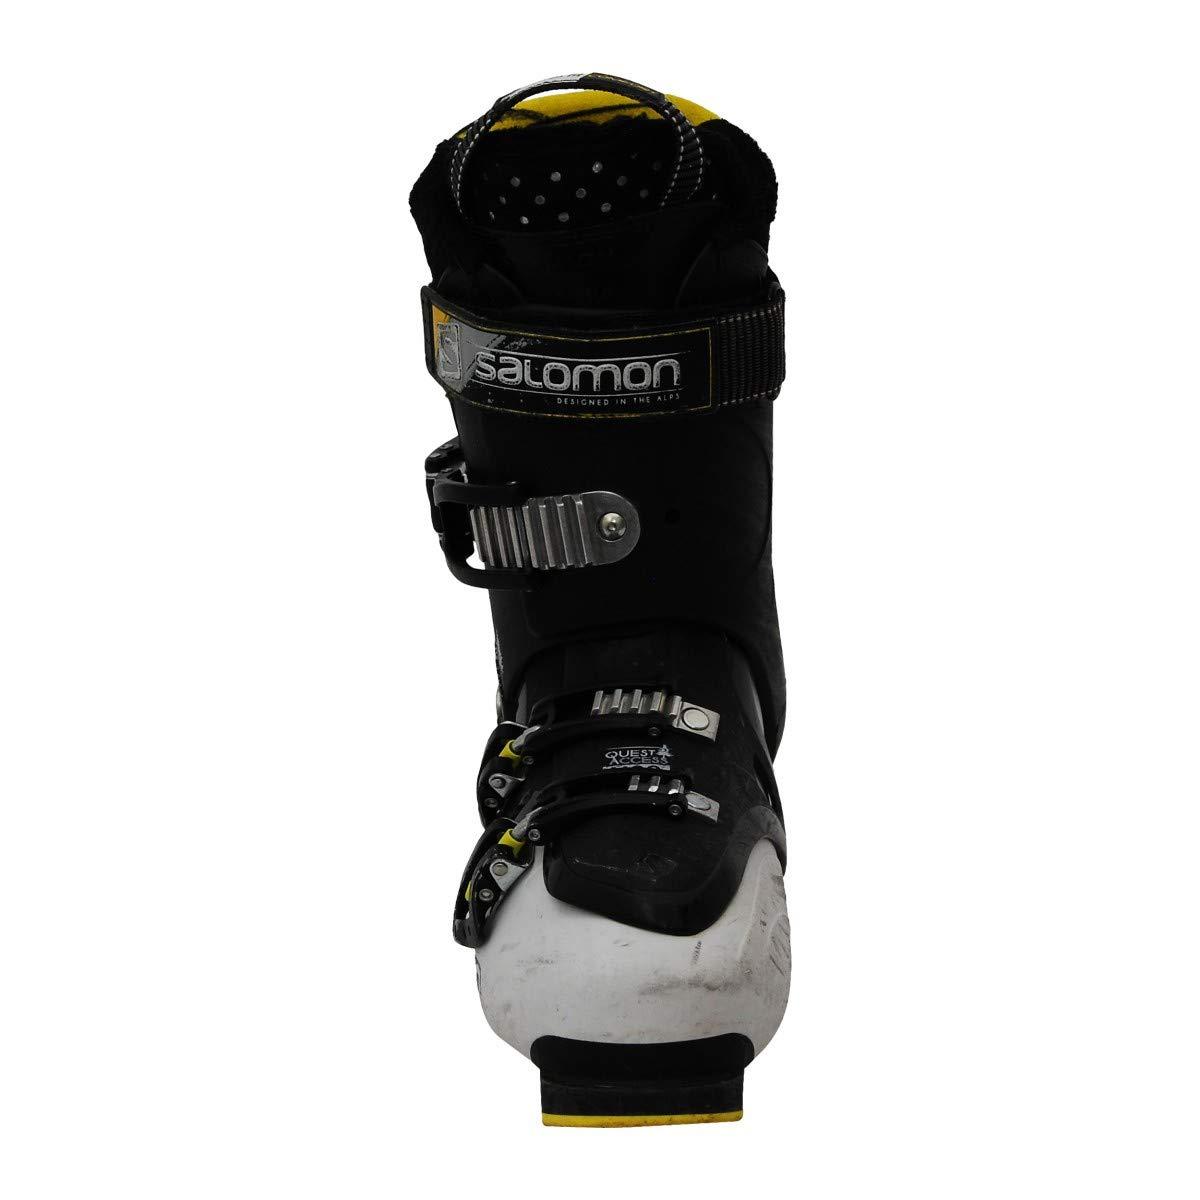 SALOMON Gebrauchte Skischuhe Quest Access X80 schwarz weiß u9T9n